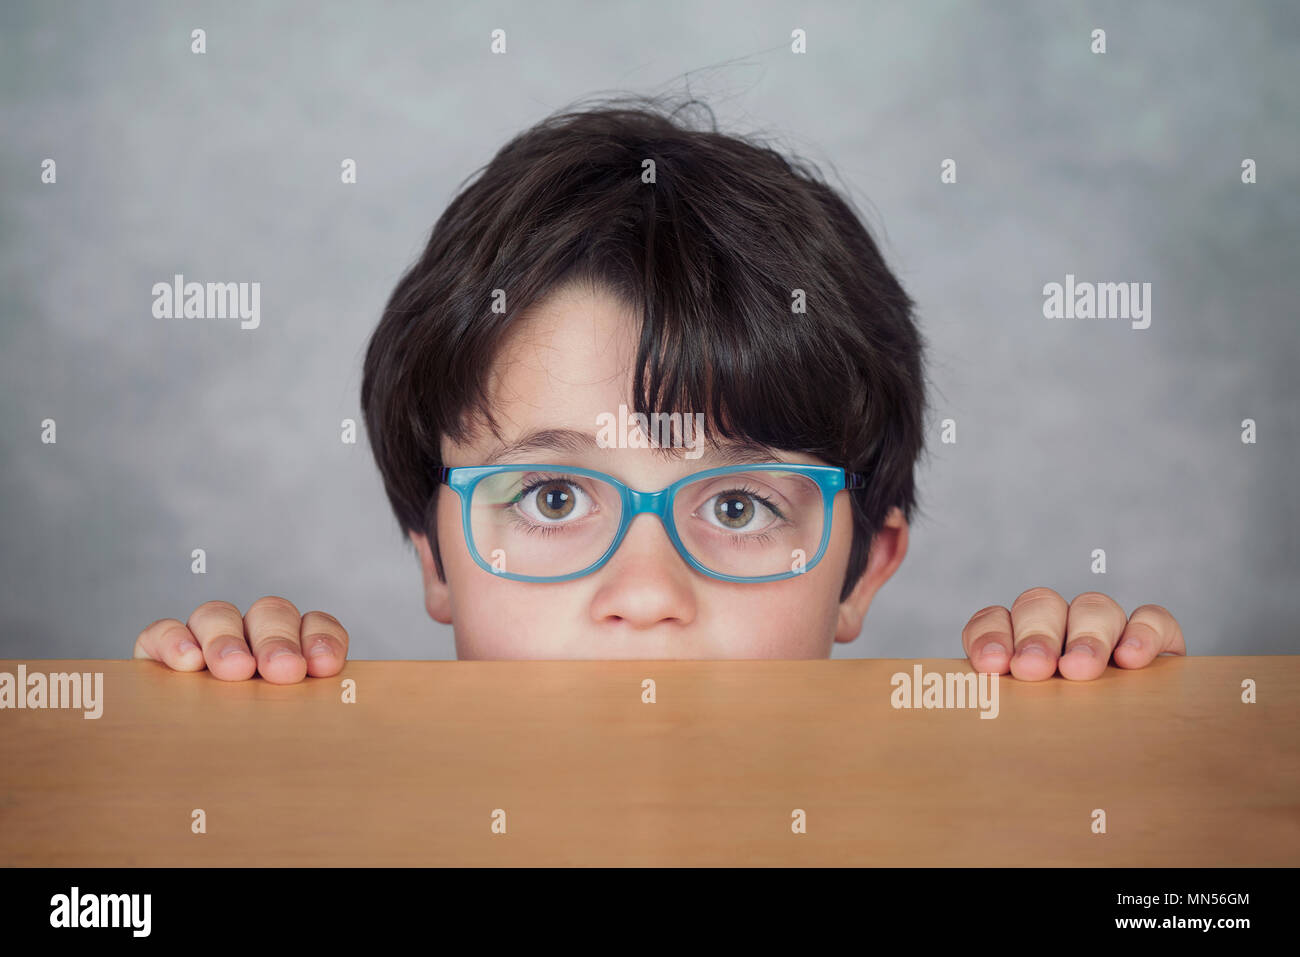 Garçon avec des lunettes sur une table en bois sur fond gris Photo Stock